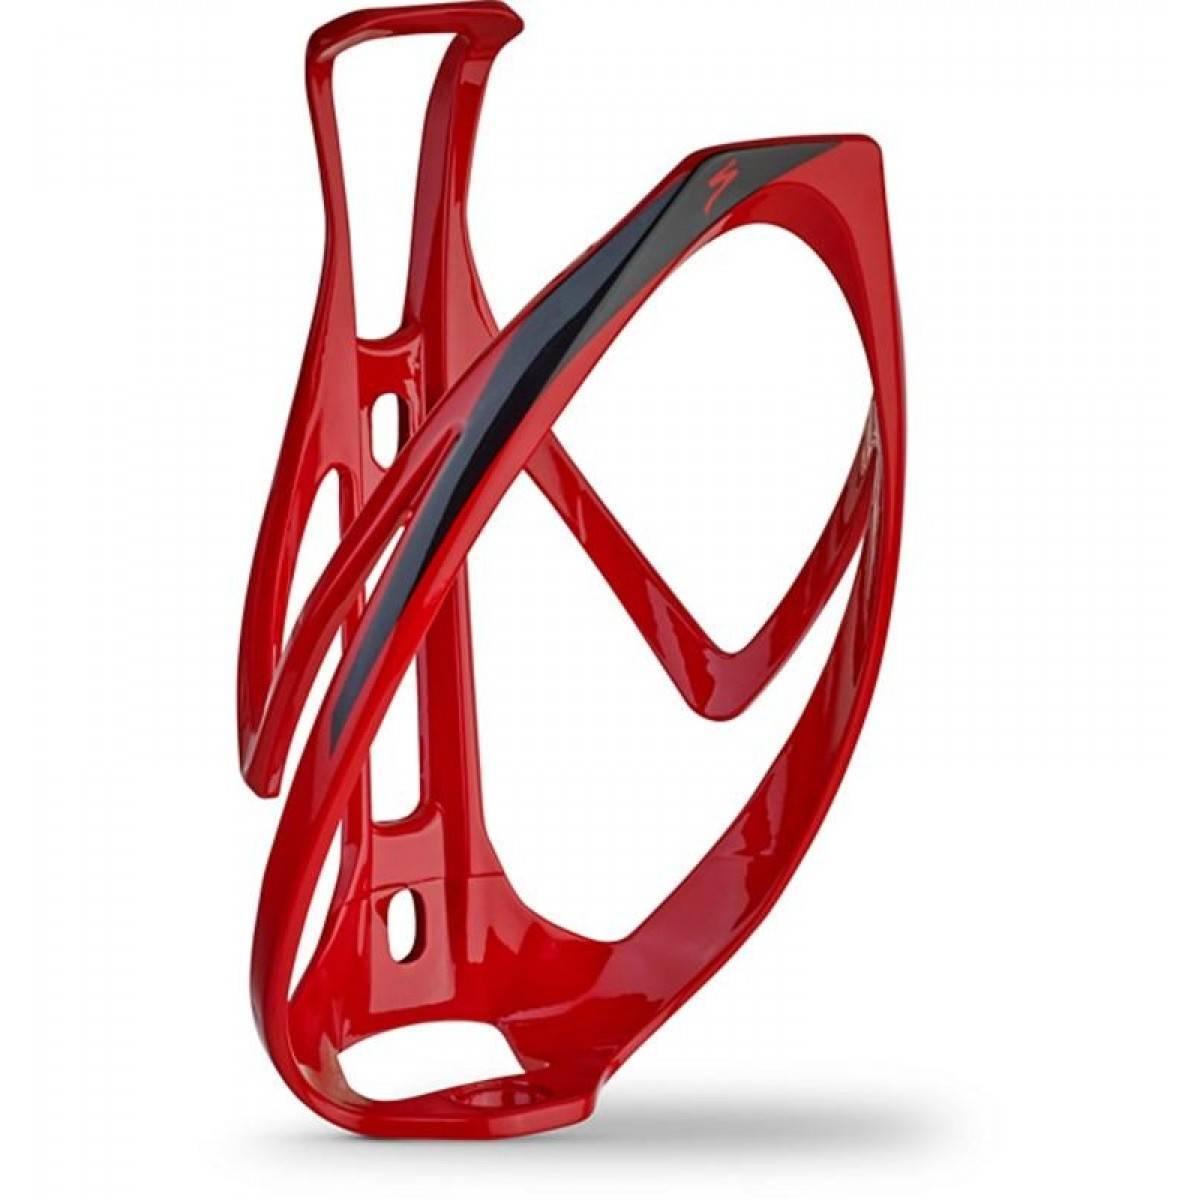 Suporte de Caramanhola Specialized Rib Cage II - Vermelho/Preto - Alex Ribeiro Bikes